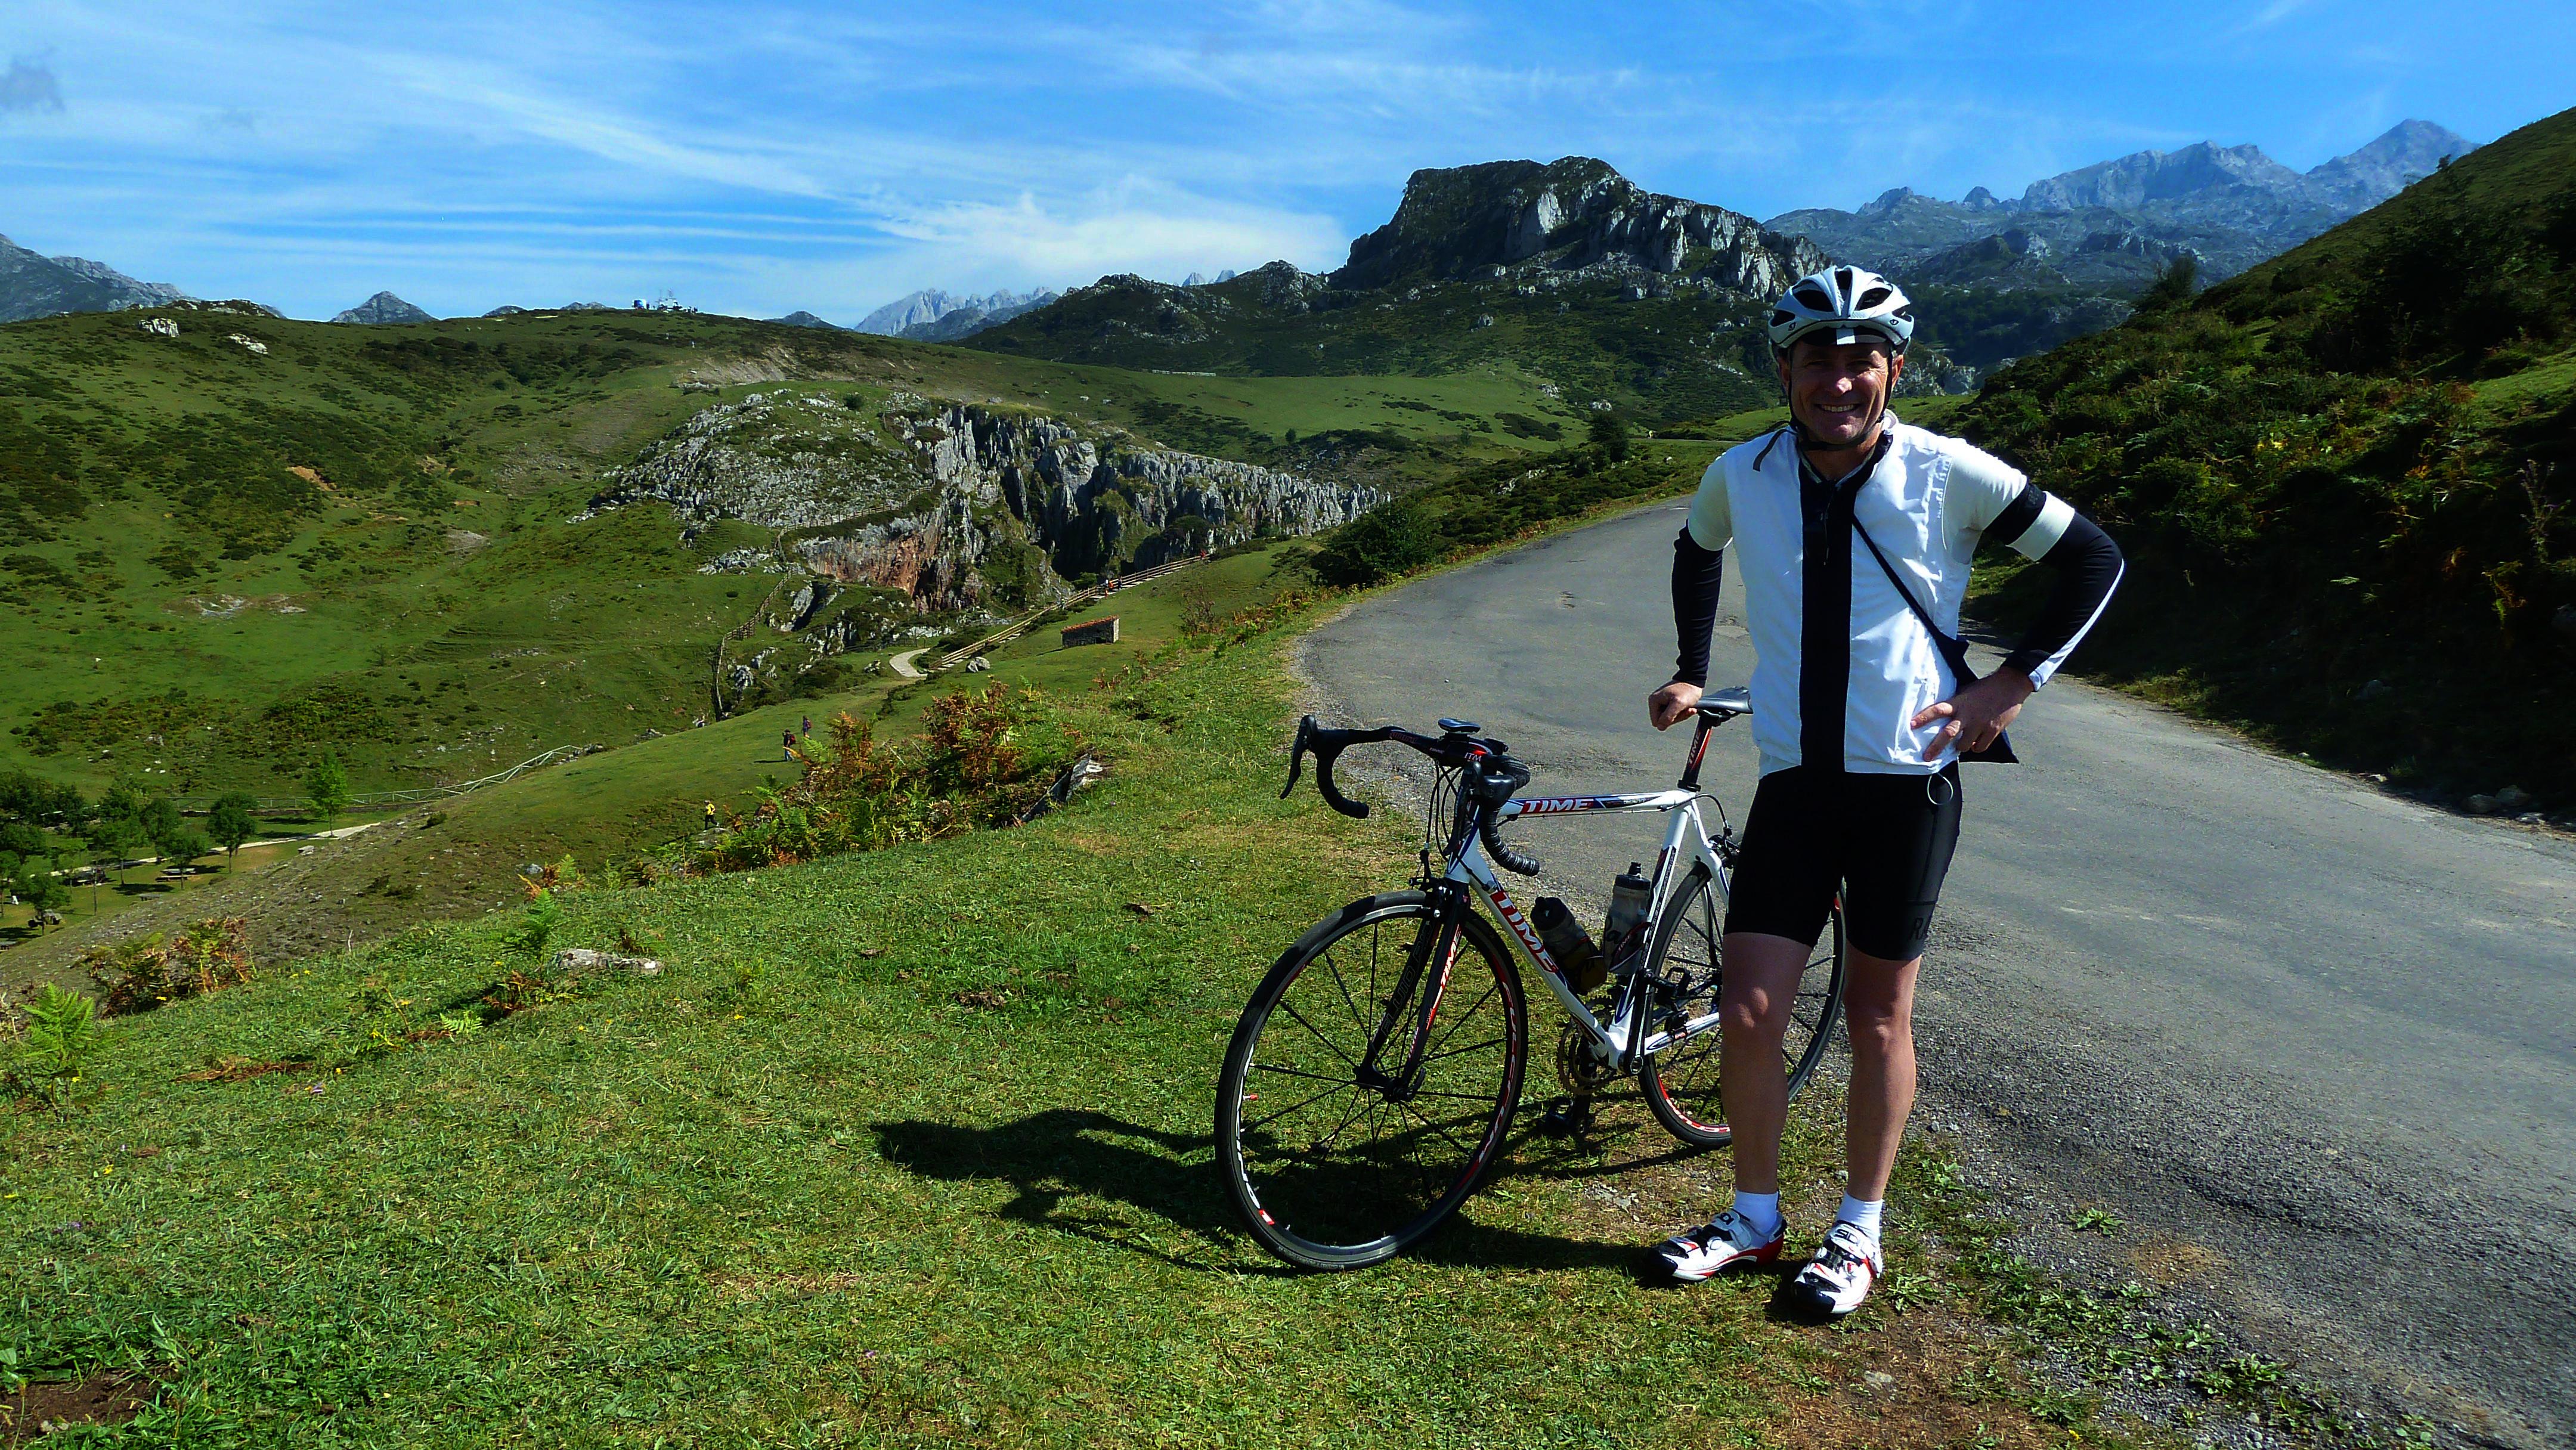 Best Climbs in Europe, Vuelta Climbs